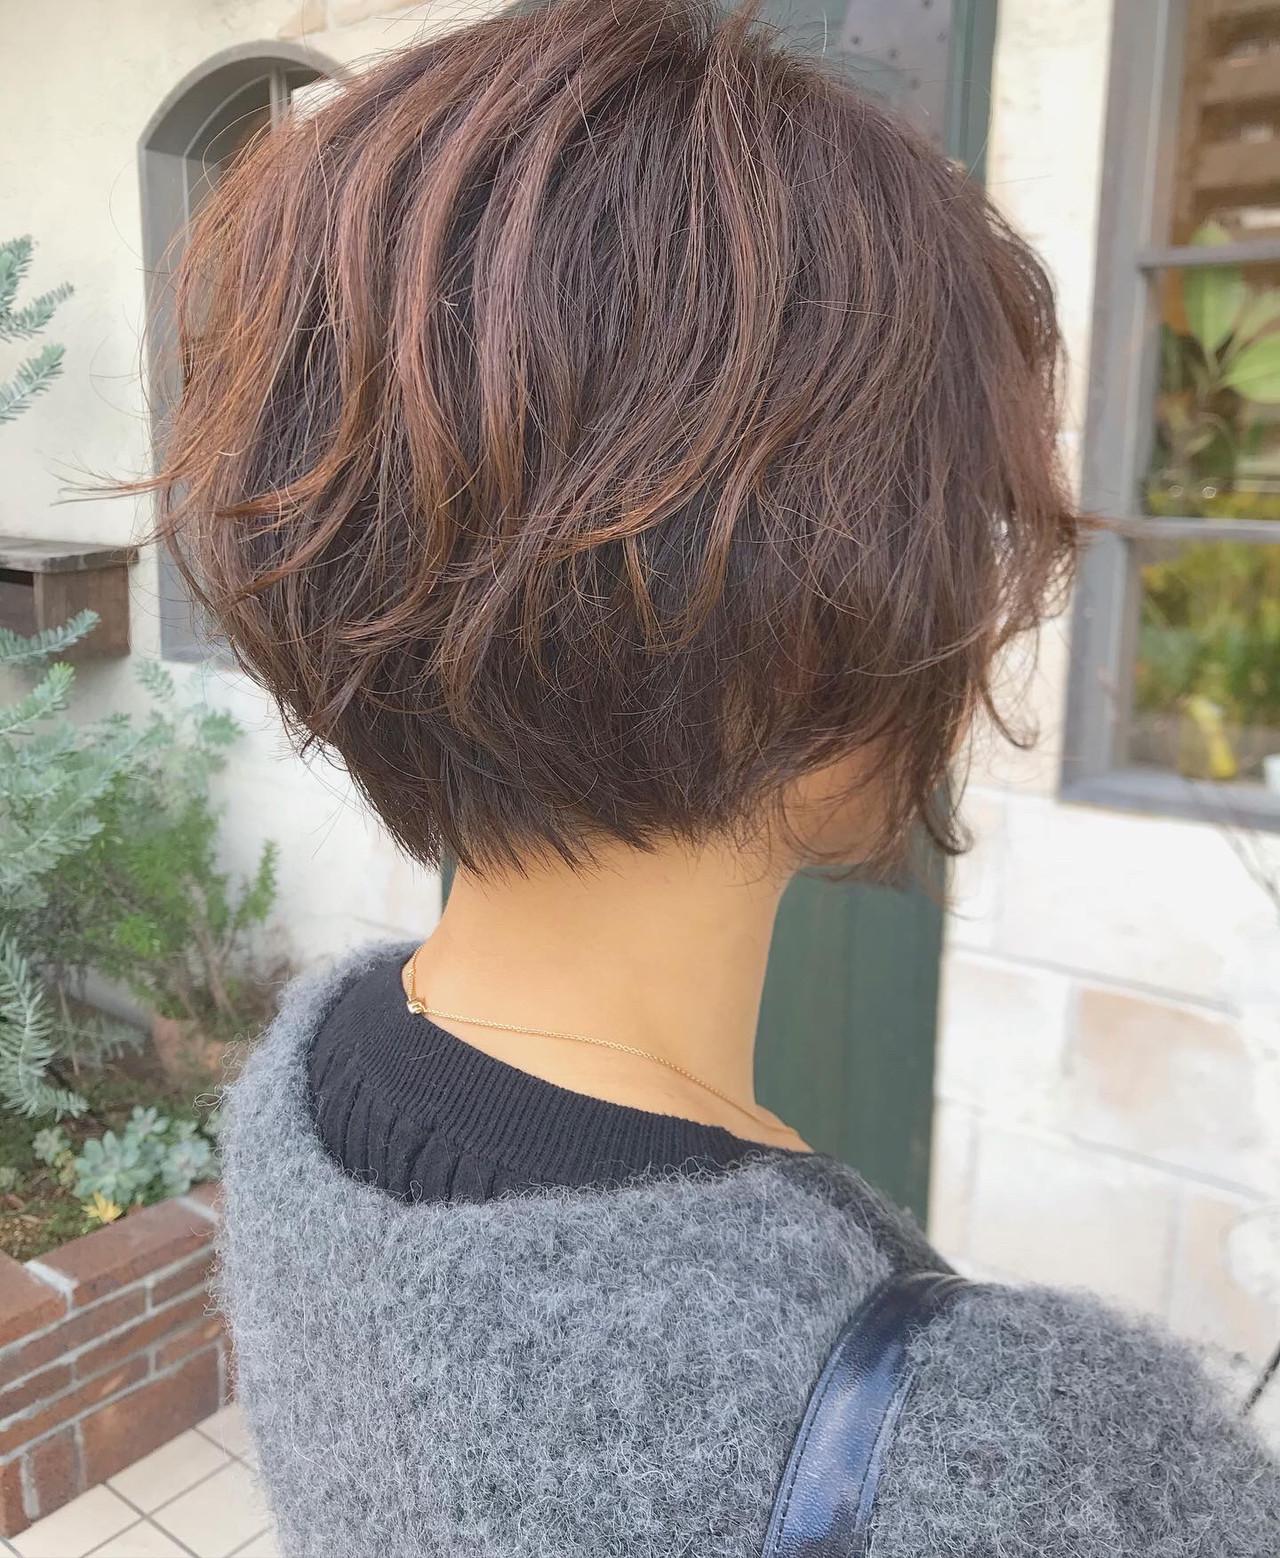 ボブ ニュアンスヘア 毛先パーマ ナチュラル ヘアスタイルや髪型の写真・画像 | Nakamura Mari / rocca